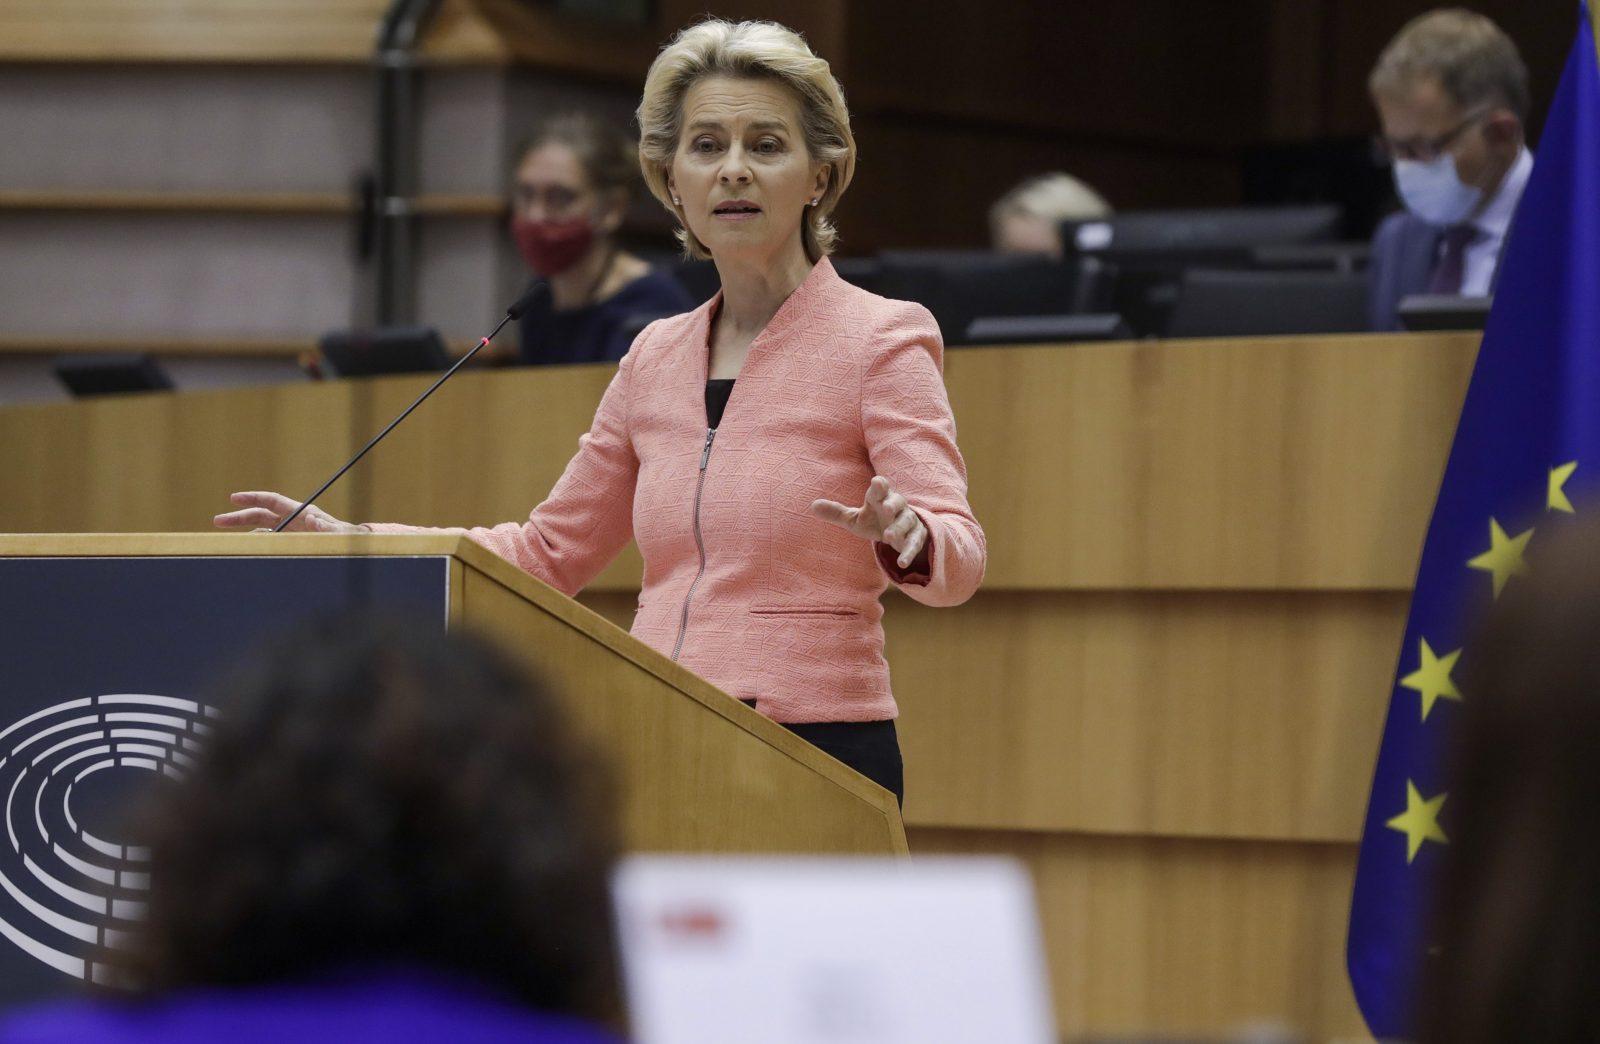 EU-Kommissionspräsidentin Ursula von der Leyen (CDU) will die Klimaziele der EU verschärfen Foto: picture alliance / AP Photo